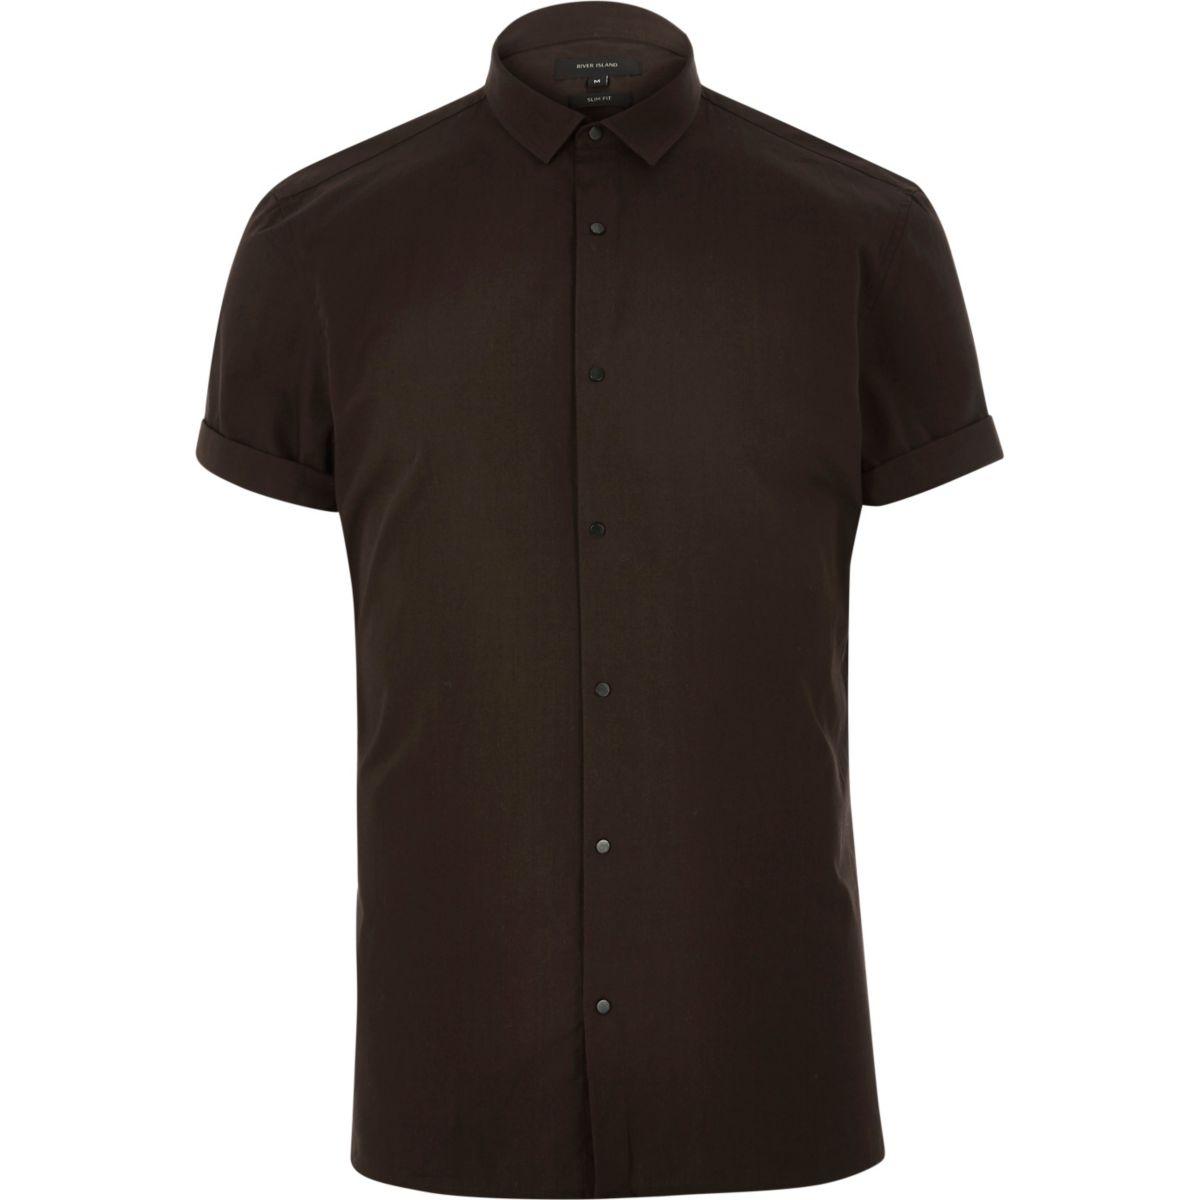 Brown short sleeve popper shirt